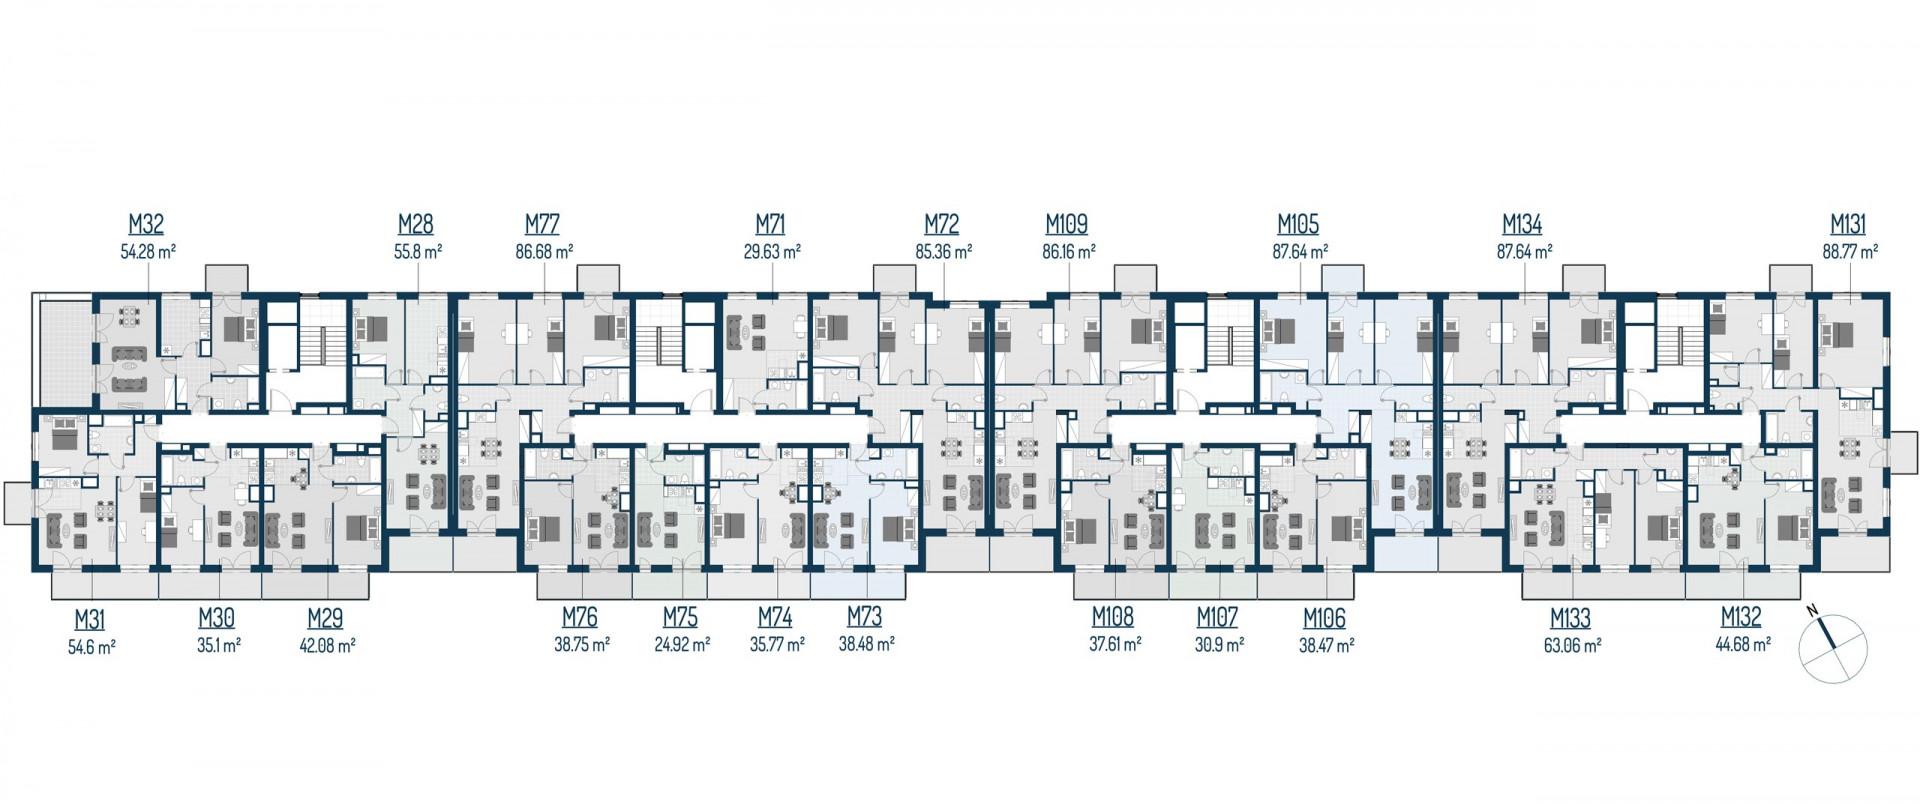 Zdrowe Stylove / budynek 2 / mieszkanie nr 133 rzut 2